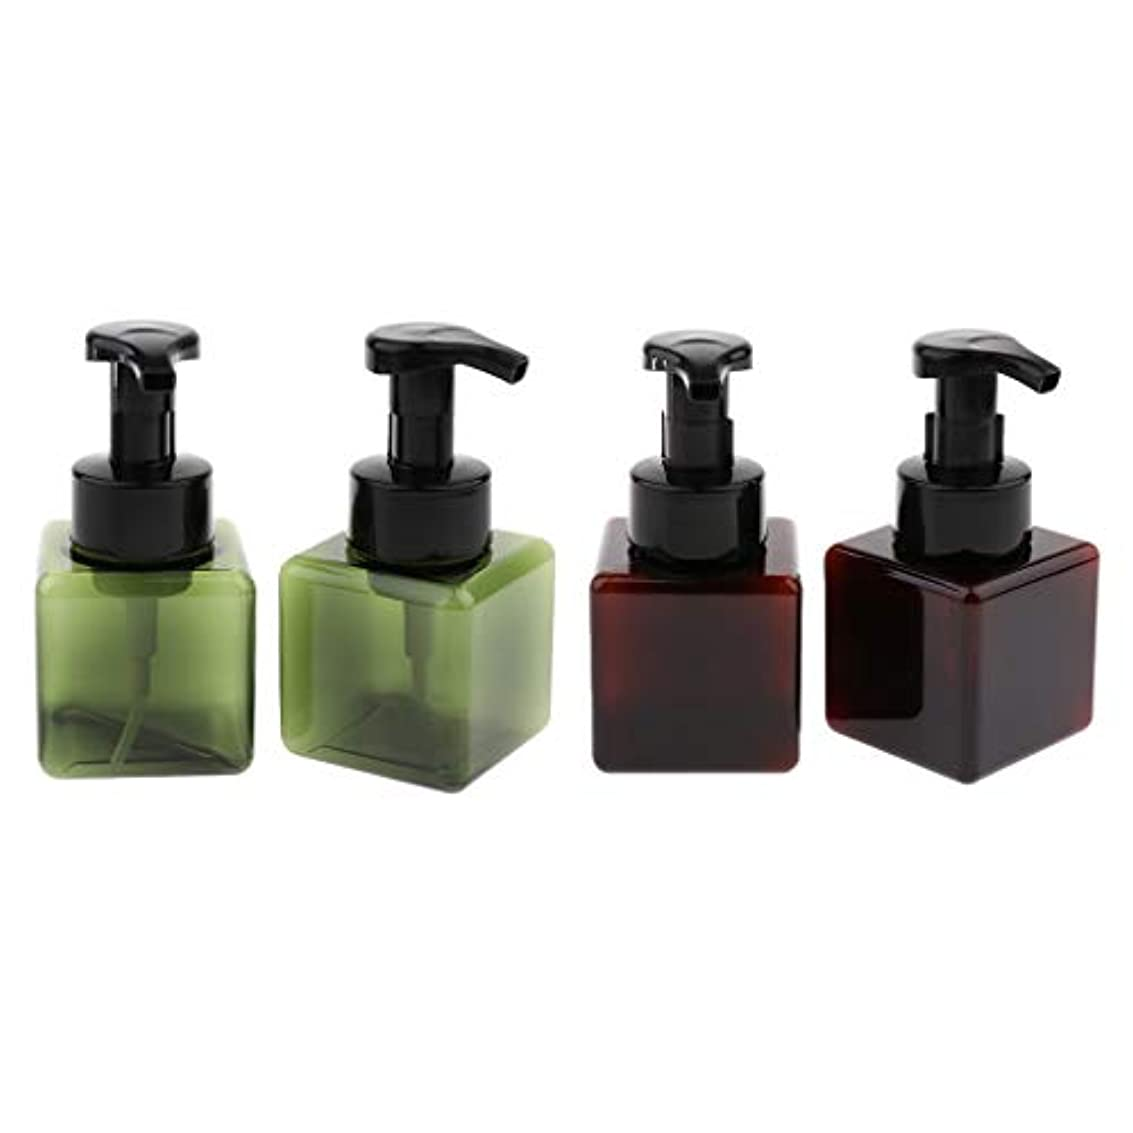 挑発する無効にする批判Hellery 4個入り詰め替え容器 泡ポンプボトル 小分けボトル ディスペンサー スクエア 再利用可 250ml 全5色 - ダークグリーン+ブラウン